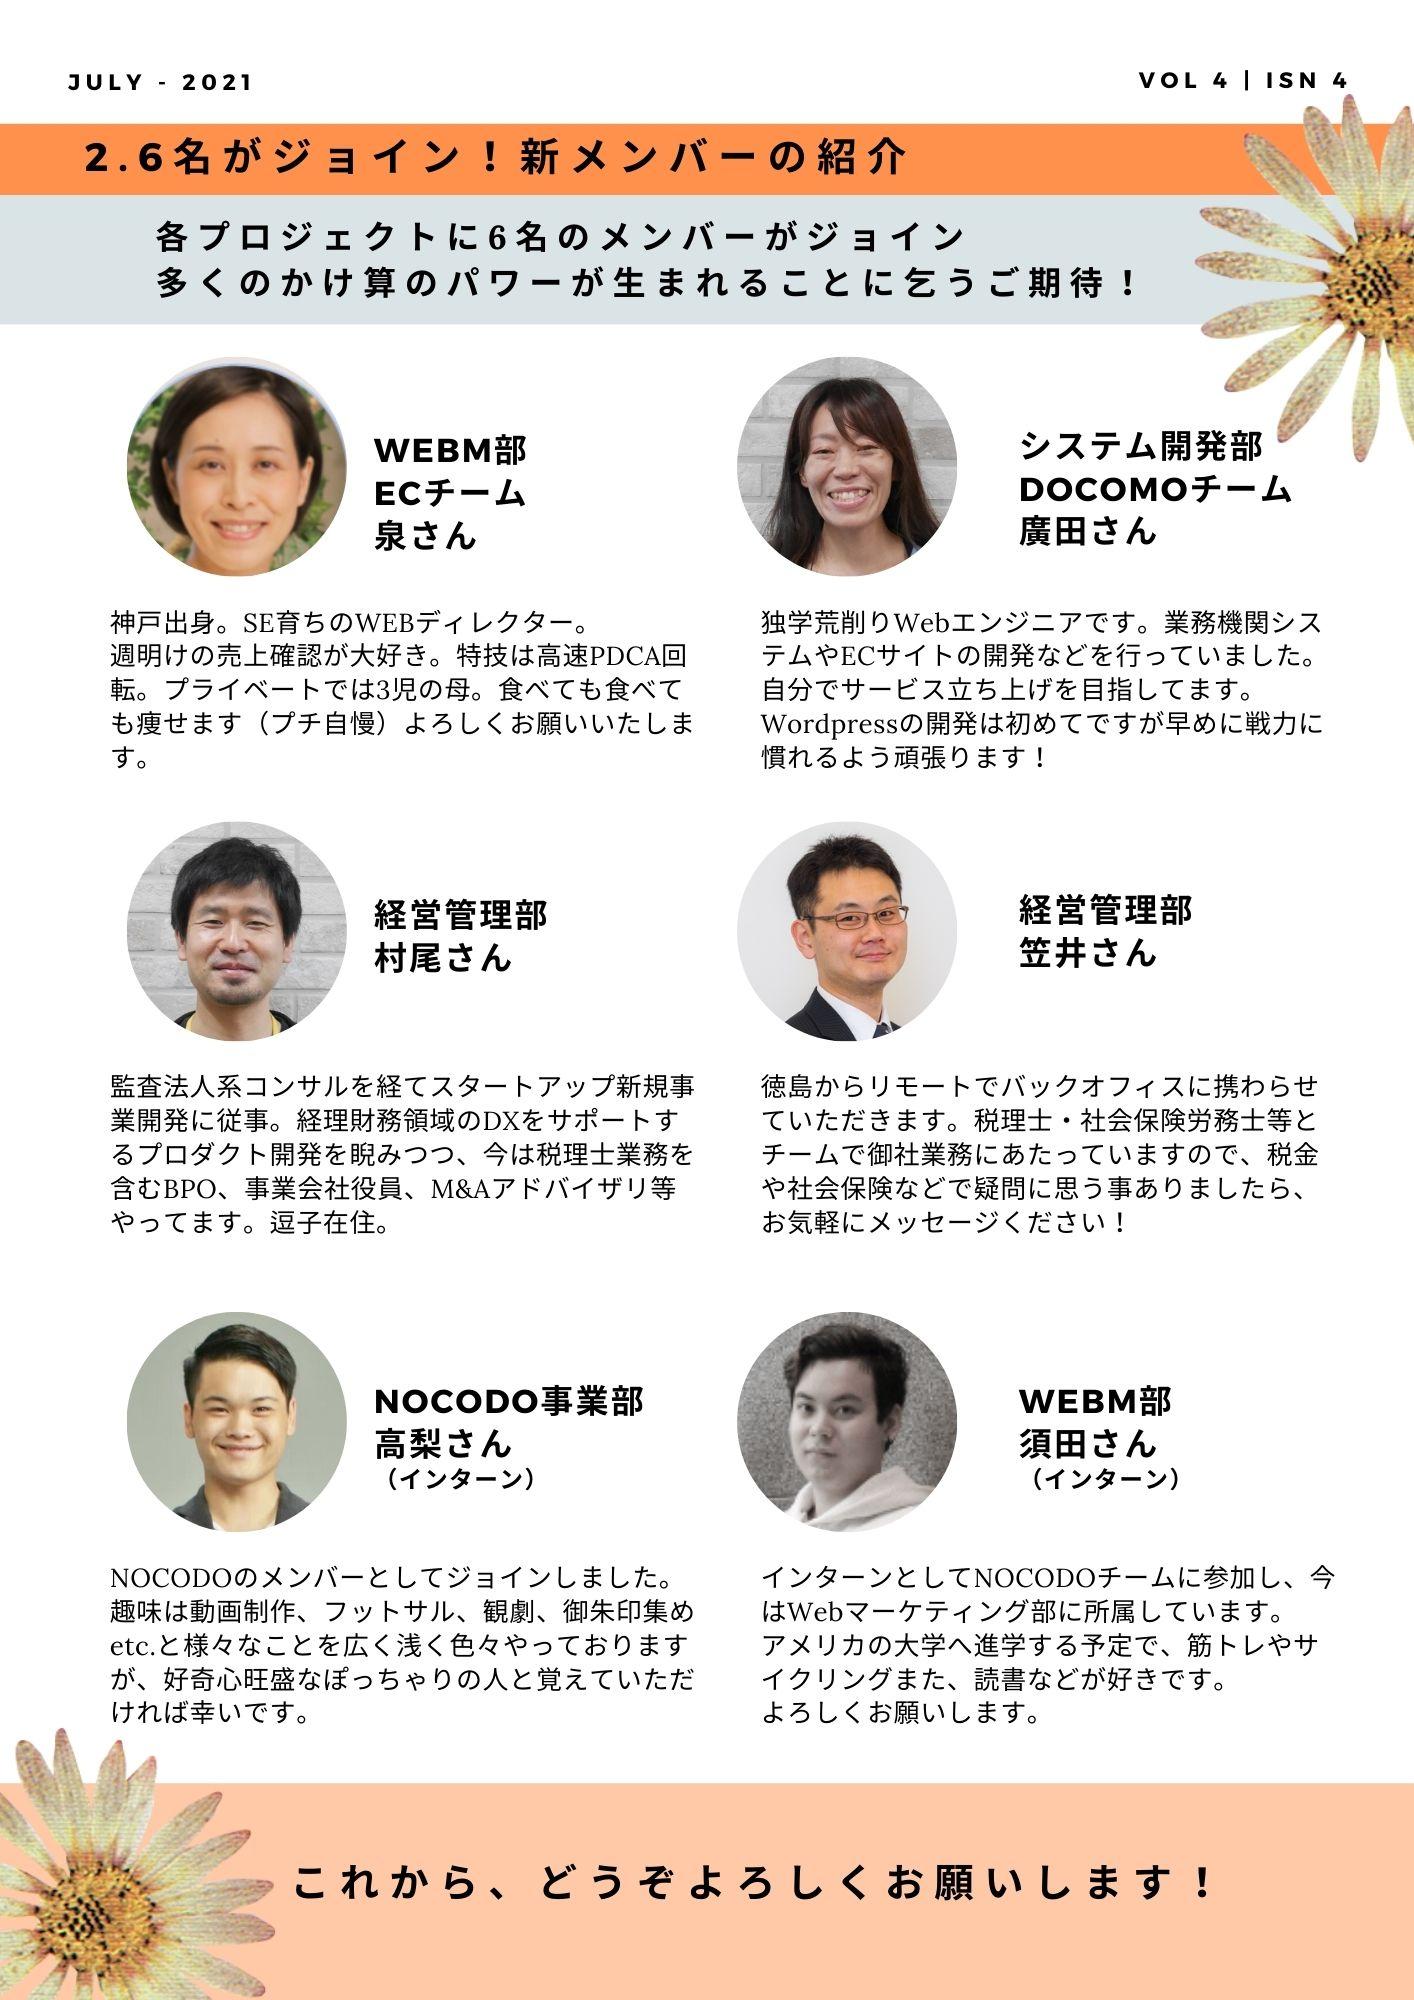 社内報/新メンバーの紹介